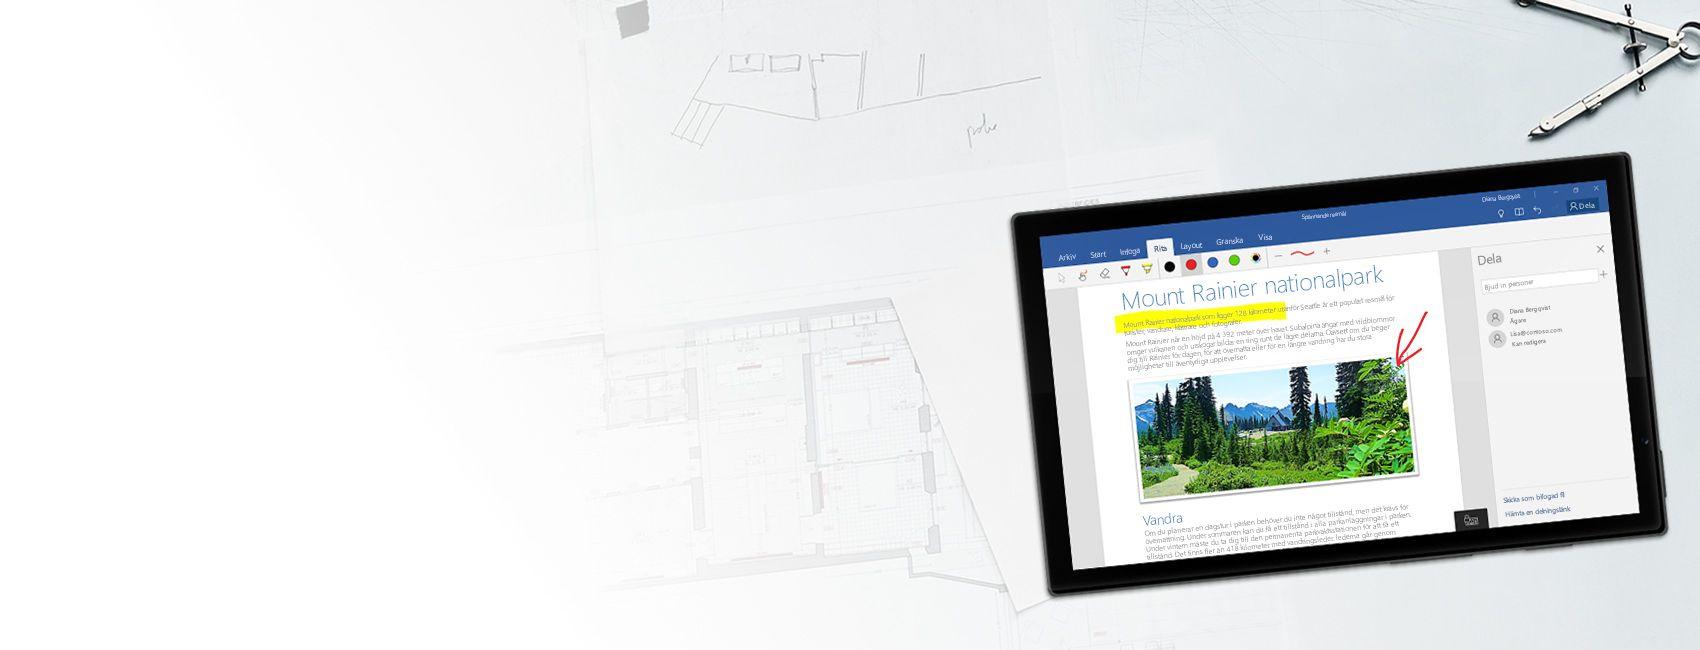 Windows-surfplatta med ett Word-dokument om Mount Rainier National Park i Word för Windows 10 Mobile